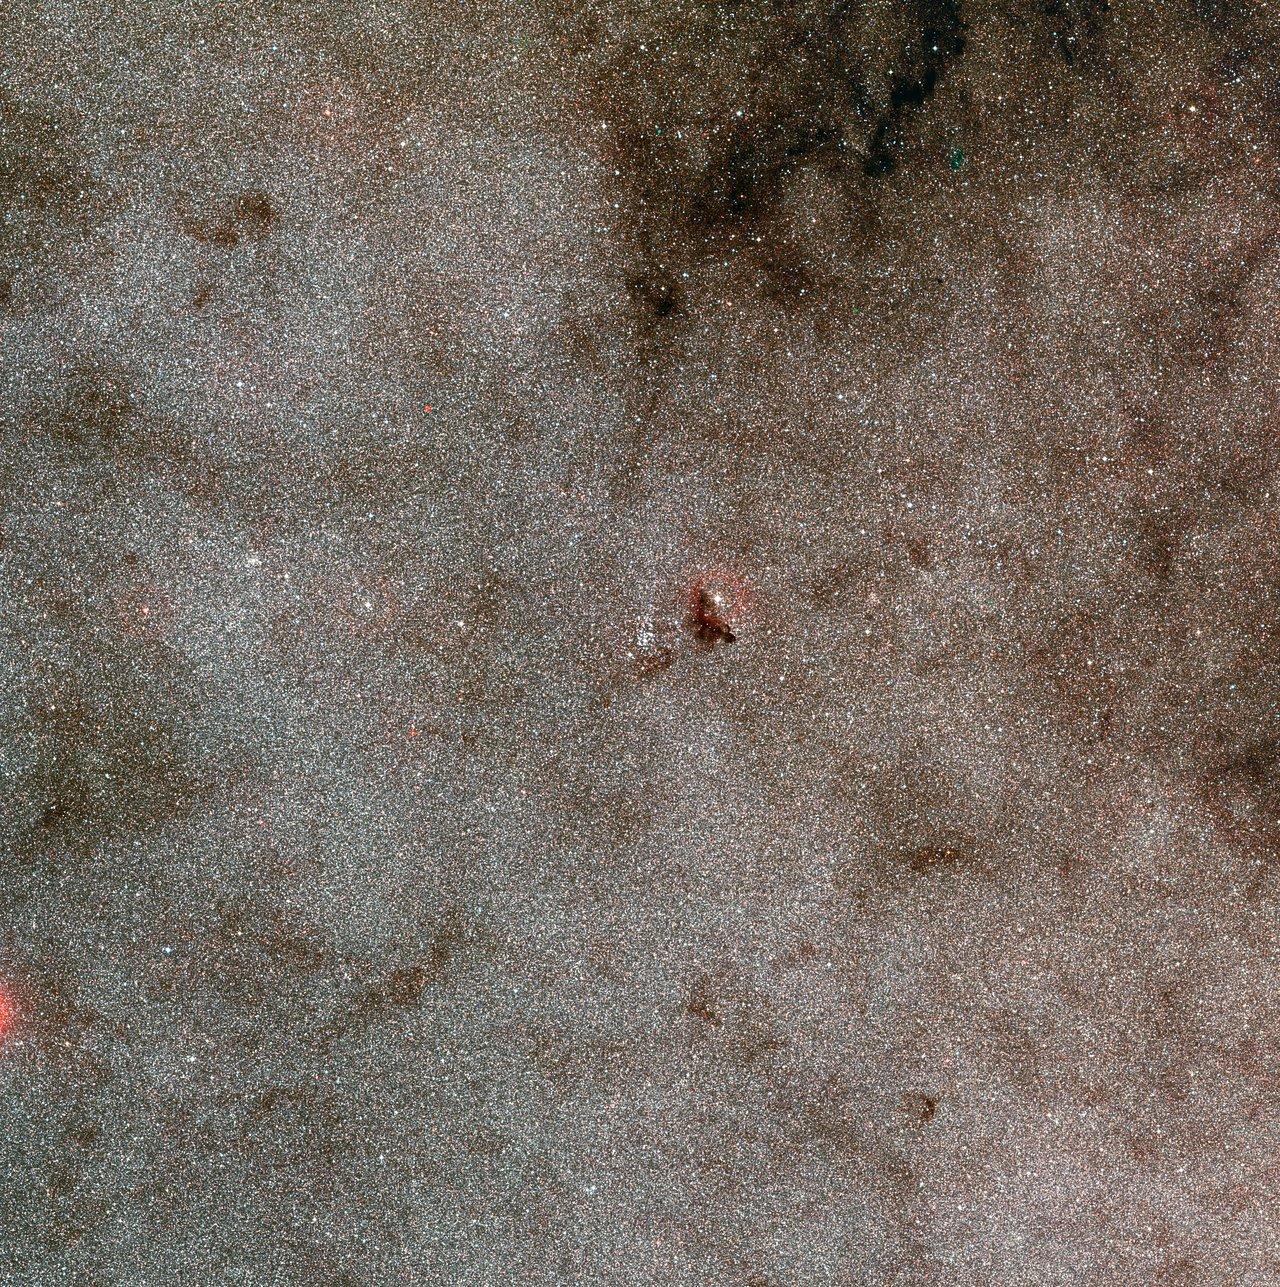 Imagem de grande angular do aglomerado estelar NGC 6520 e da nuvem escura Barnard 86